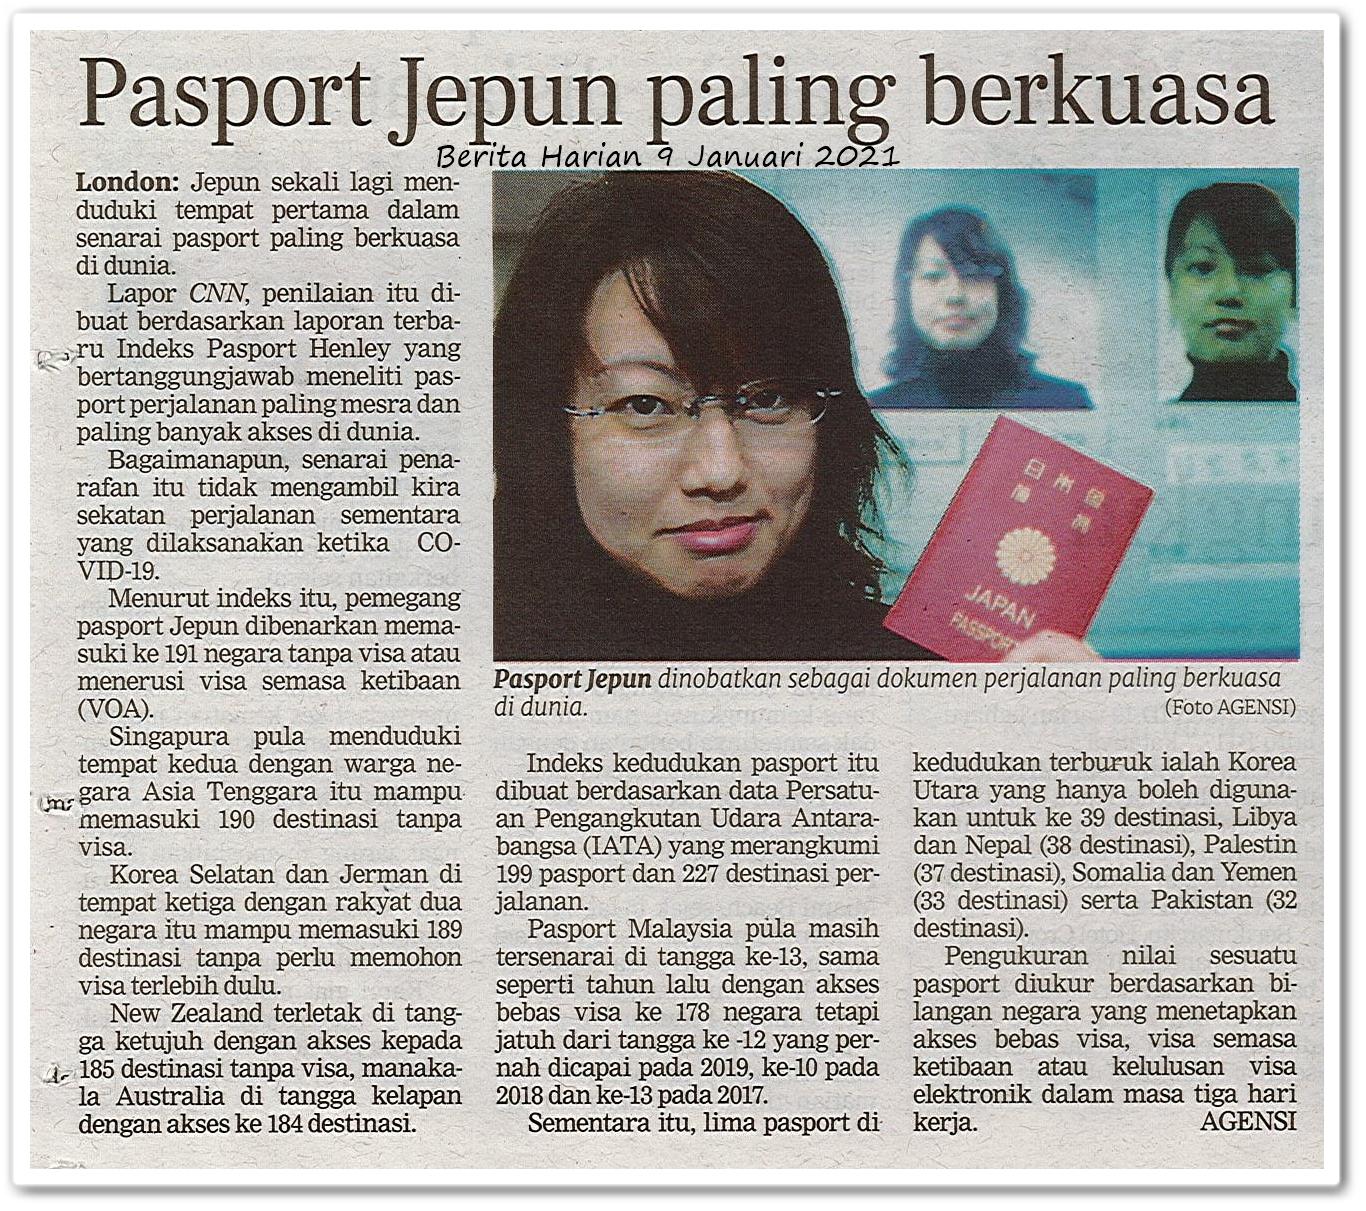 Pasport Jepun paling berkuasa - Keratan akhbar Berita Harian 9 Januari 2021